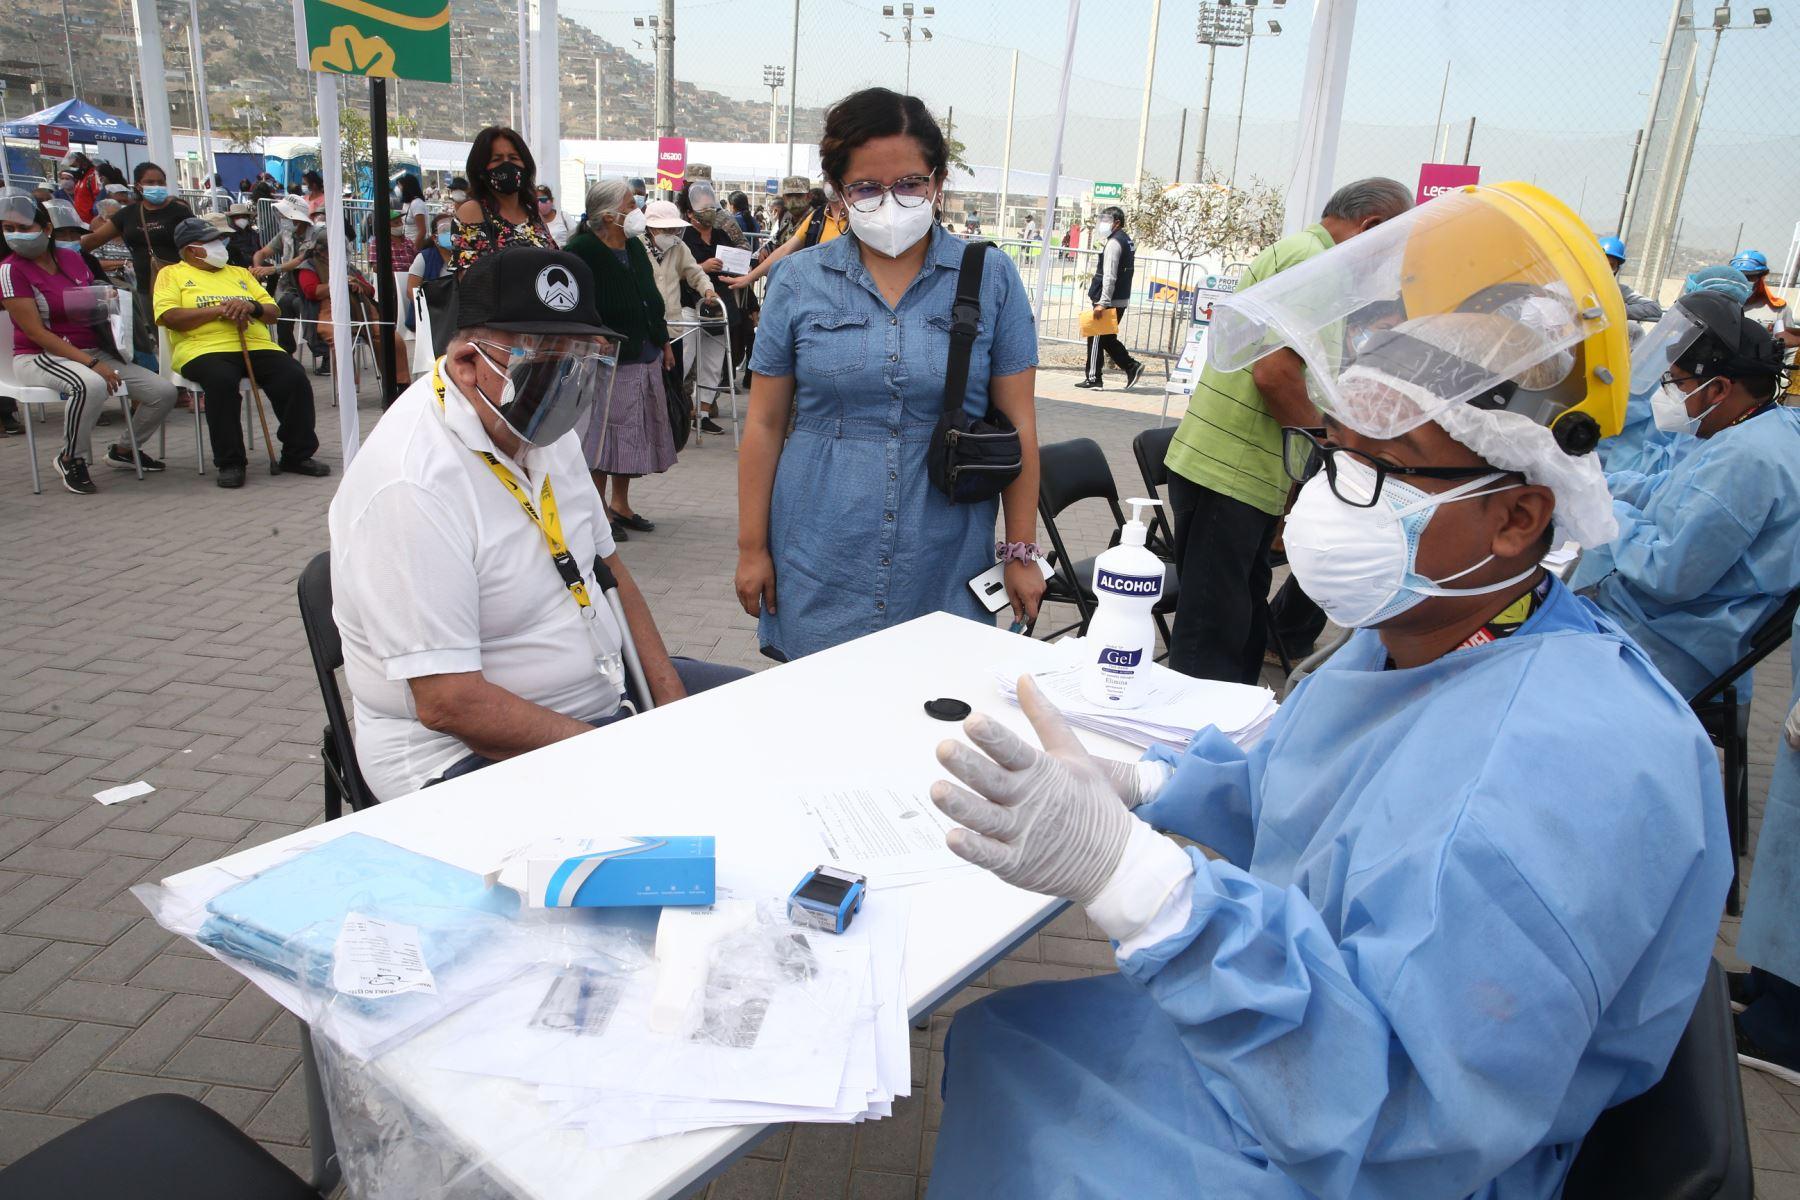 El Ministerio de Salud continua vacunación contra el covid- 19 en el Complejo deportivo de Villa María del Triunfo, donde los adultos mayores de San Juan de Miraflores y Villa María del Triunfo  podrán ser llevados en autos particulares, taxis o mototaxis para ser inmunizados. Foto: ANDINA / Vidal Tarqui